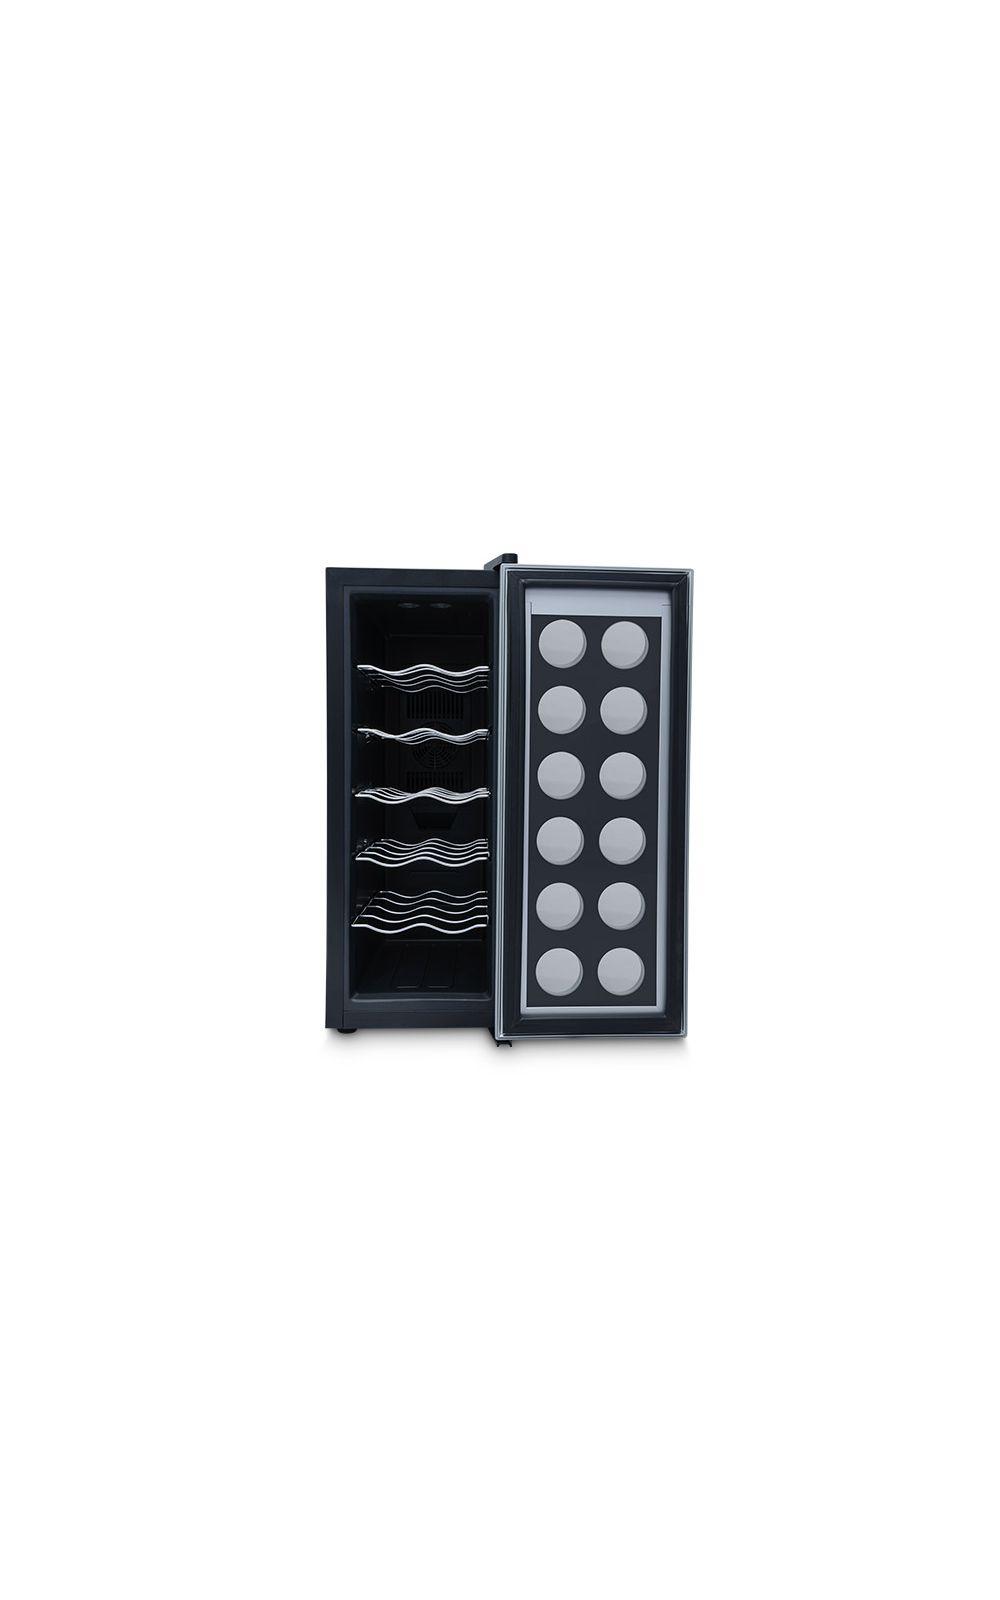 Foto 2 - Adega Philco Premium - 12 Garrafas